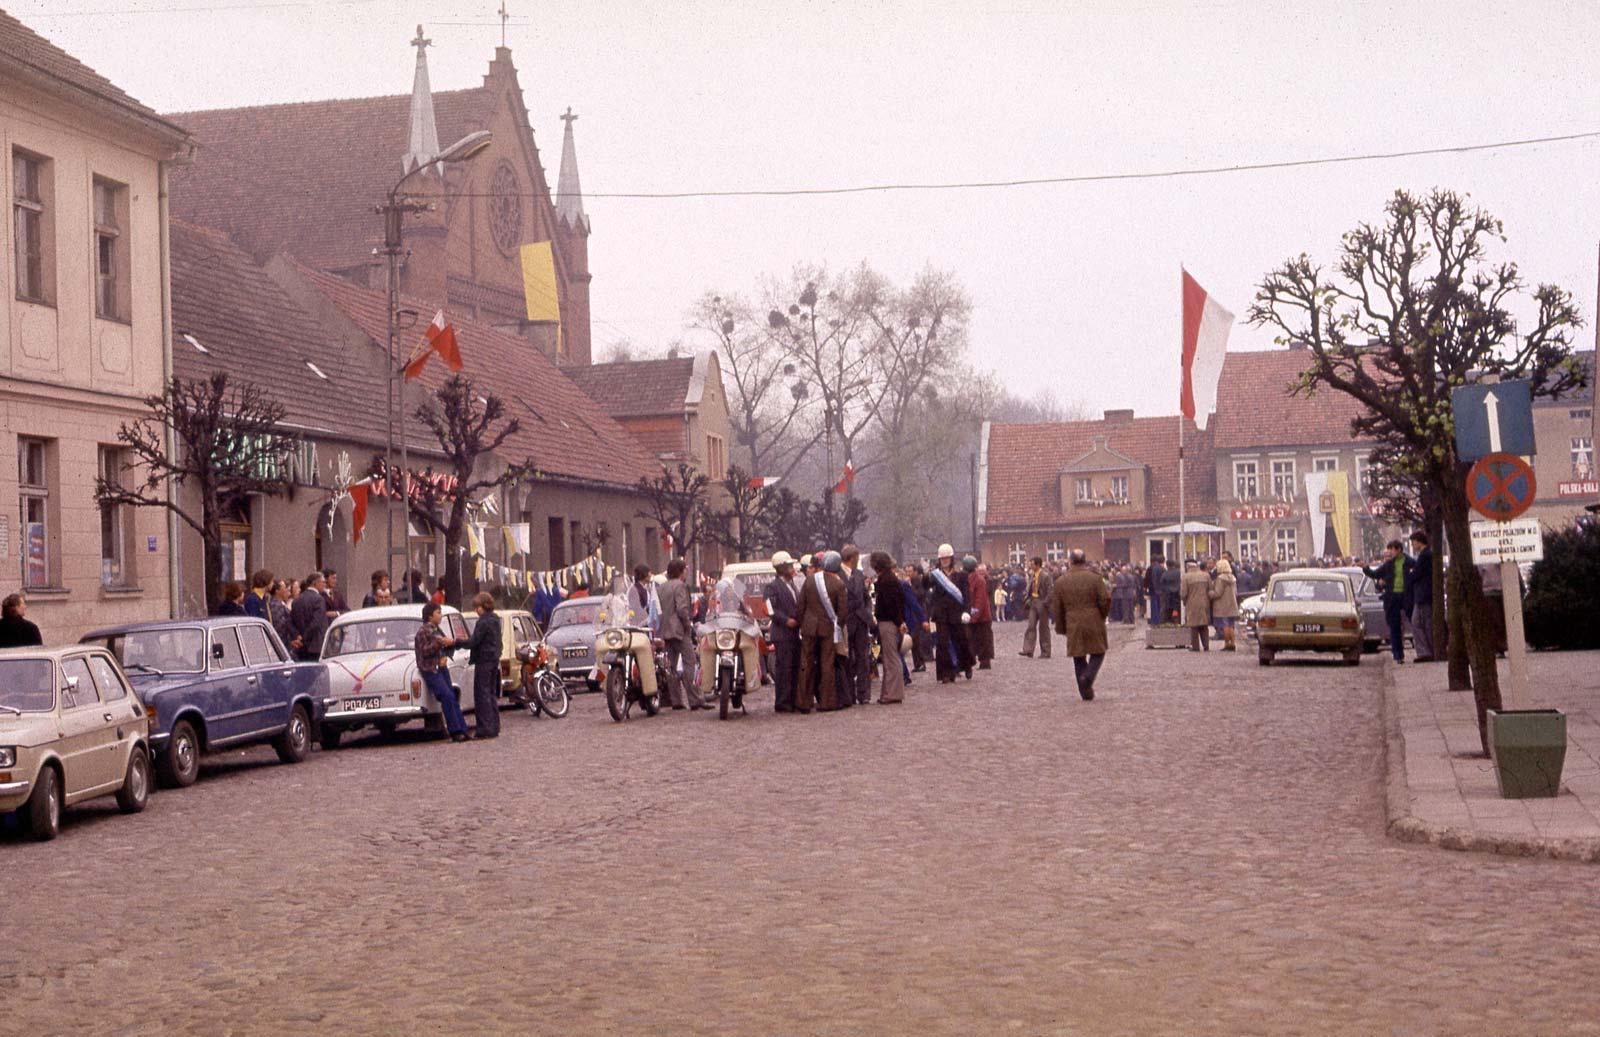 Nawiedzenie Obrazu Matki Boskiej Częstochowskiej - Kórnik 1977